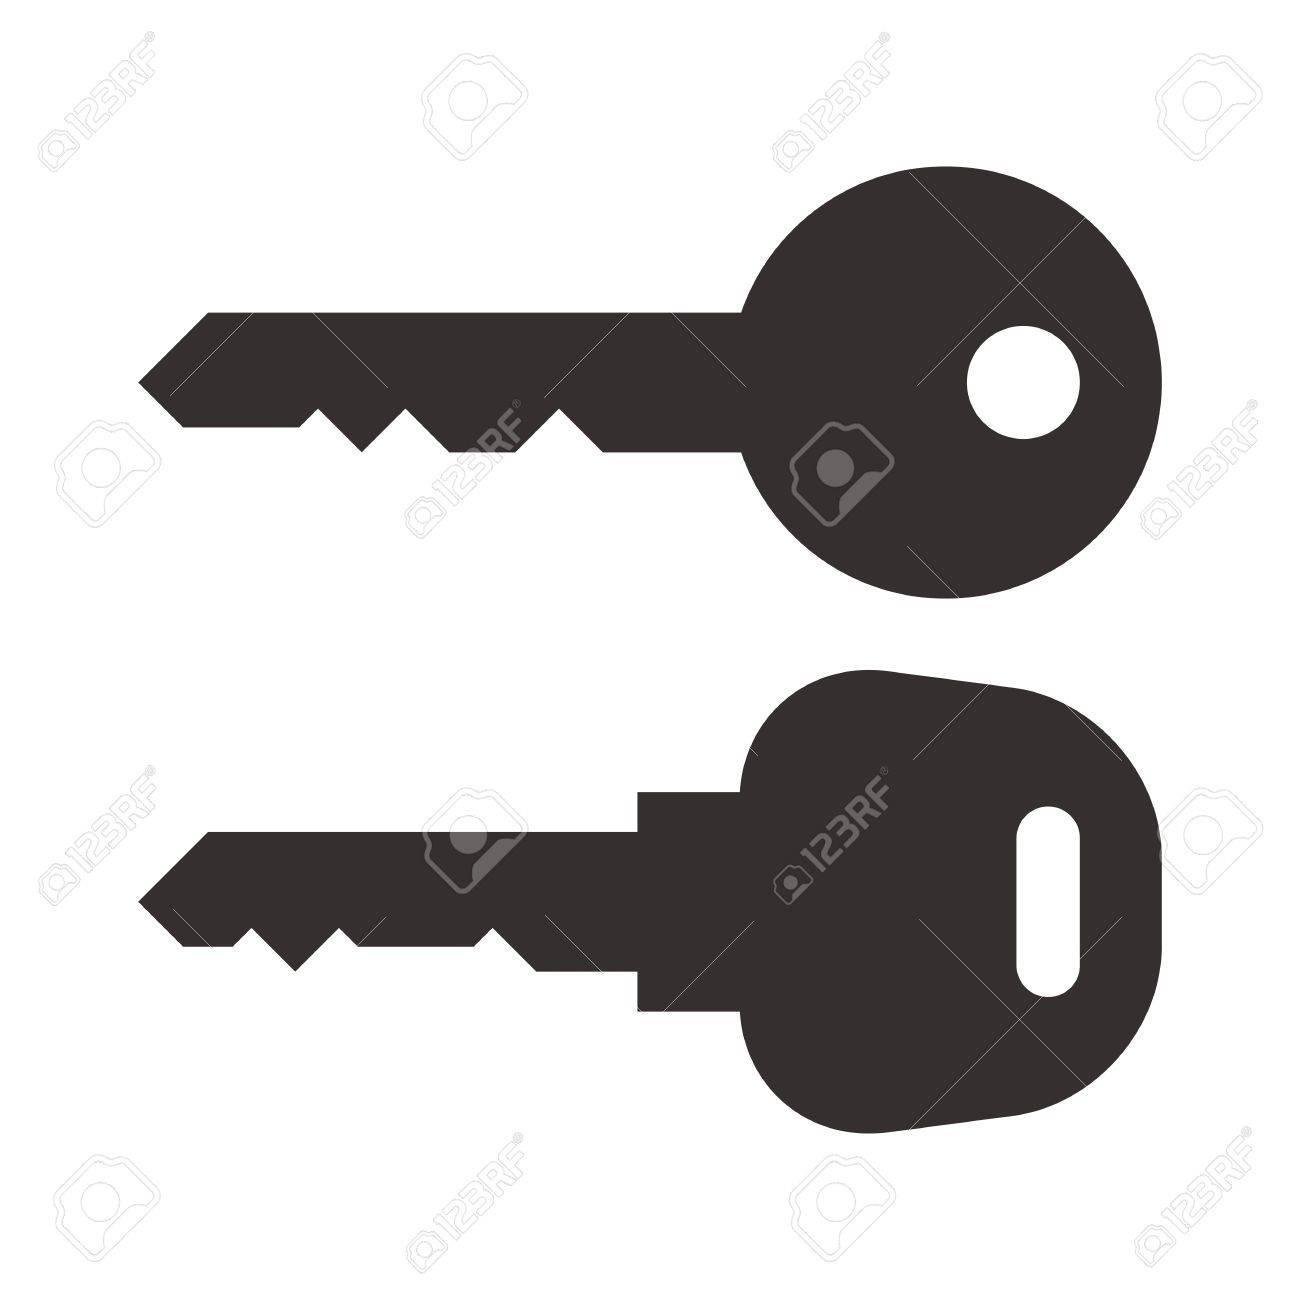 Key And Car Key Symbols Isolated On White Background Royalty Free